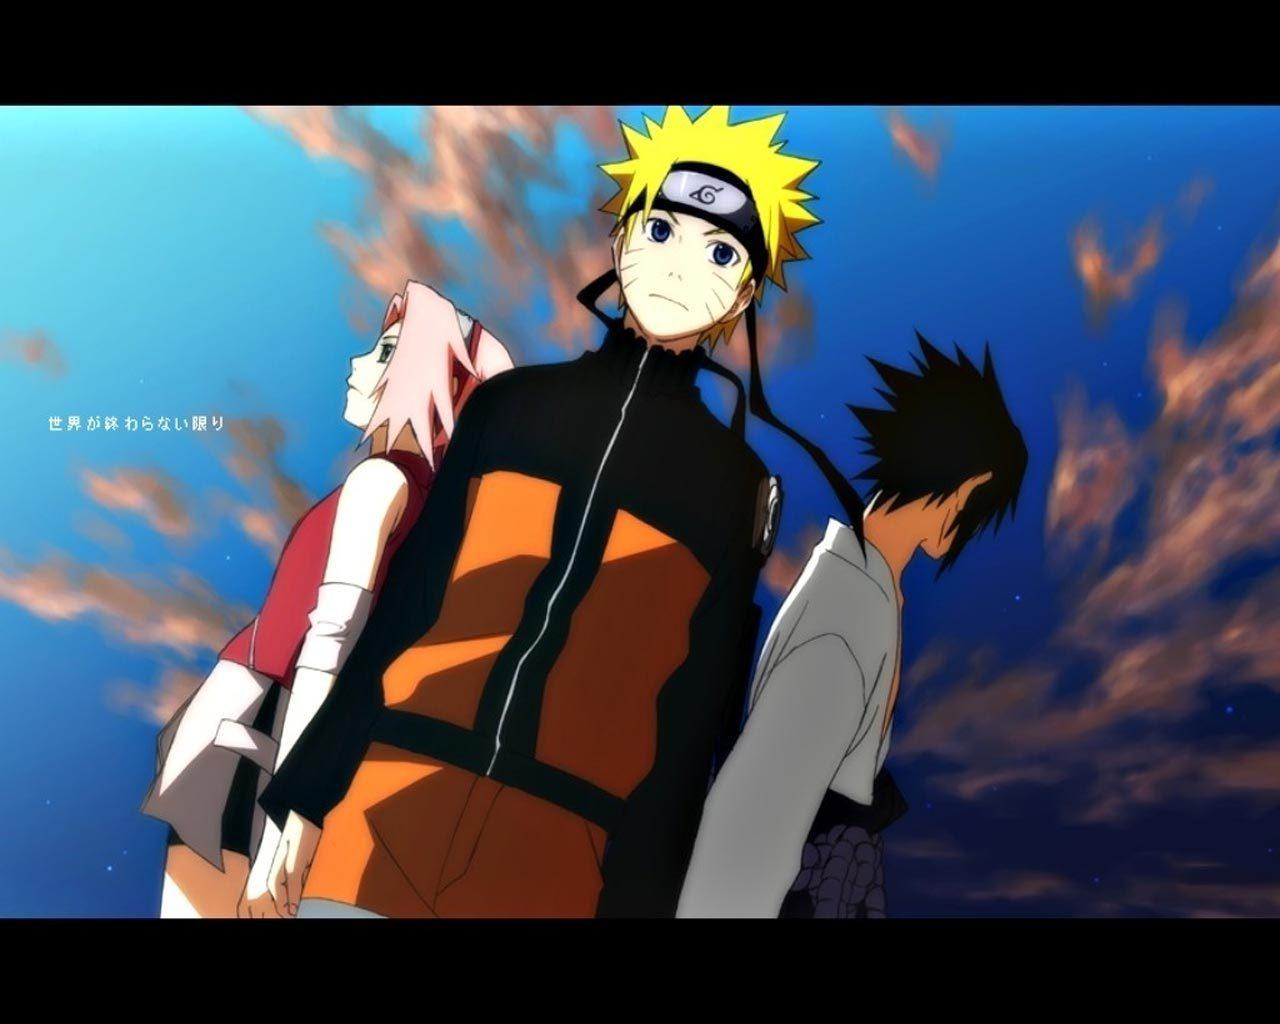 Naruto Sakura and Sasuke   Naruto Shippuuden Wallpaper 20578742 1280x1024